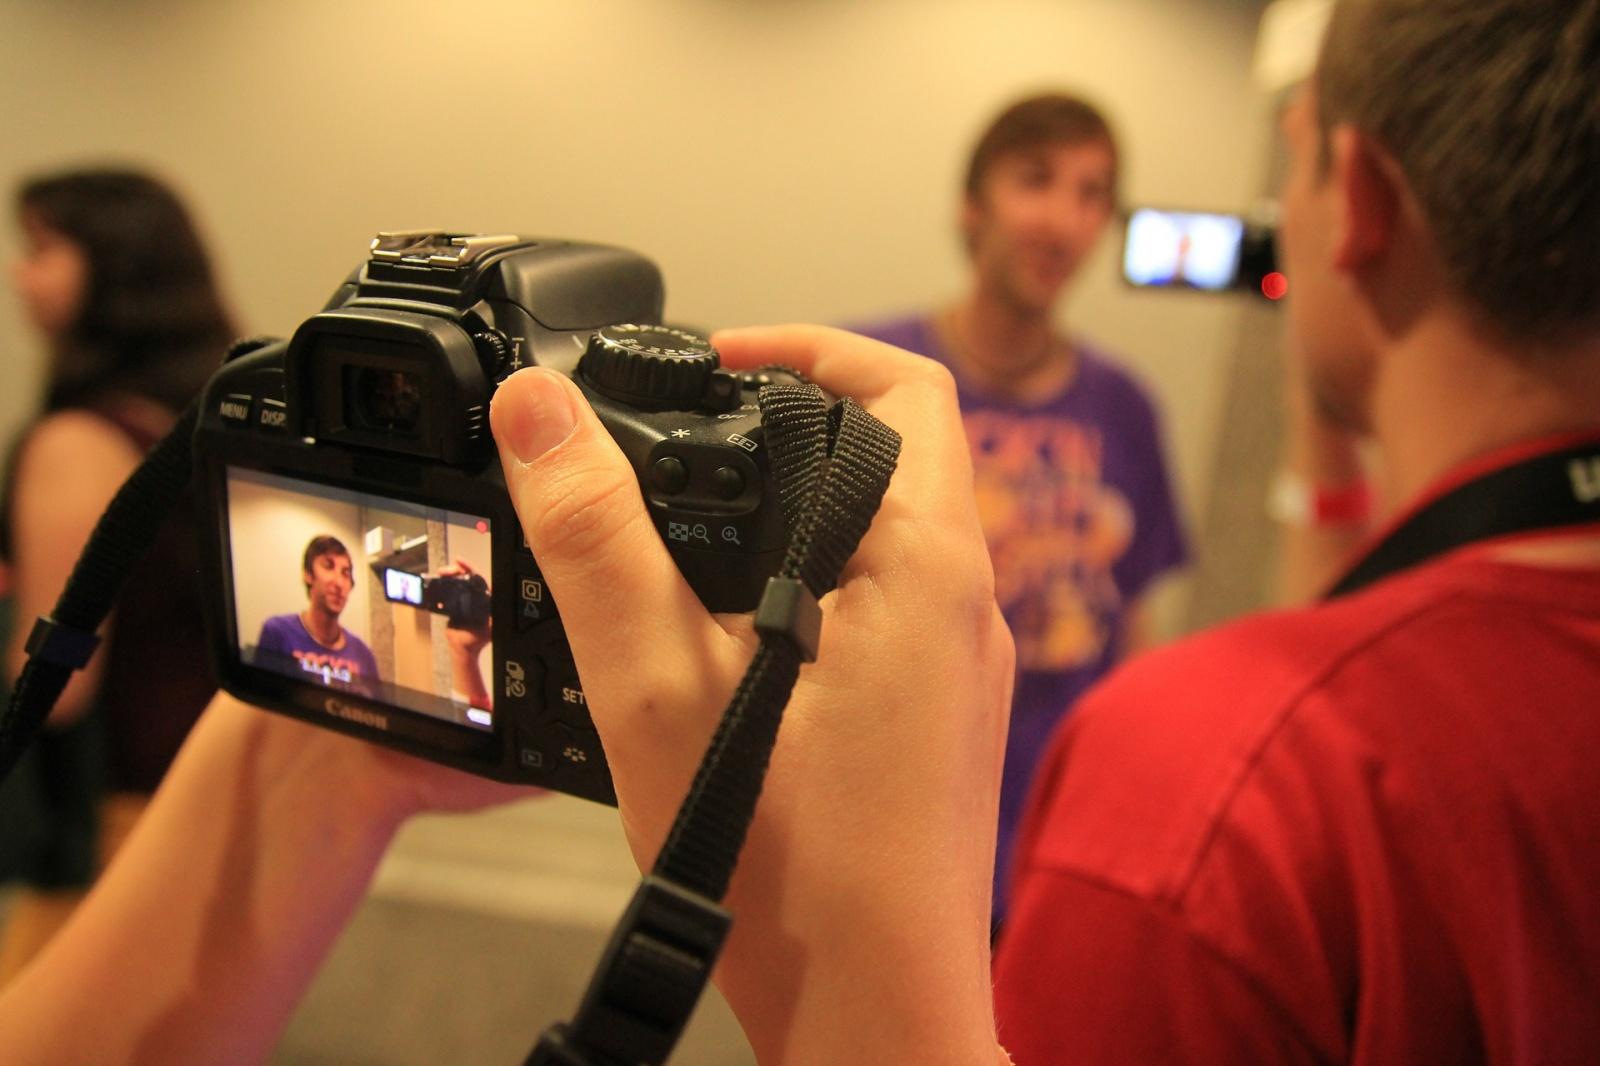 Как снимать видео картинки, днем рождения врачи